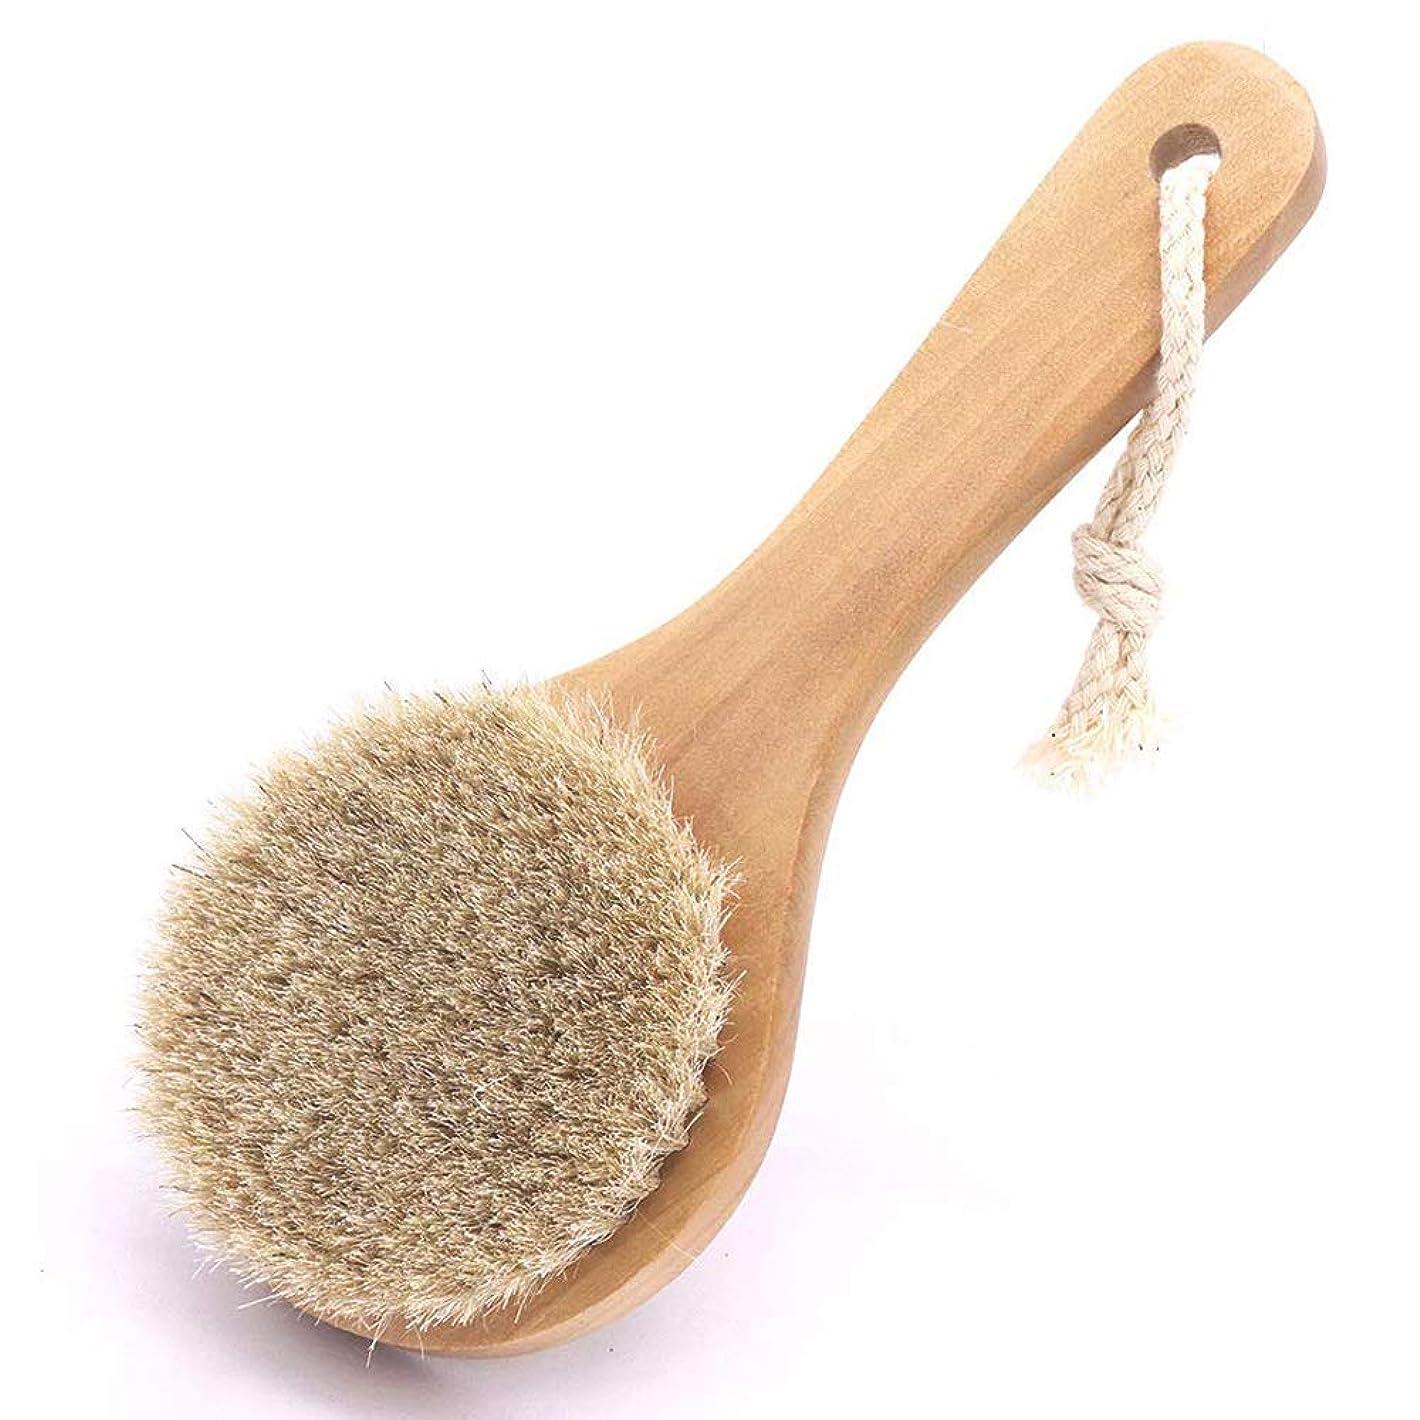 壊滅的なコンクリート識字馬毛ボディブラシ 木製 短柄 足を洗う お風呂用 体洗い 女性 角質除去 柔らかい 美肌 馬毛ボディブラシ